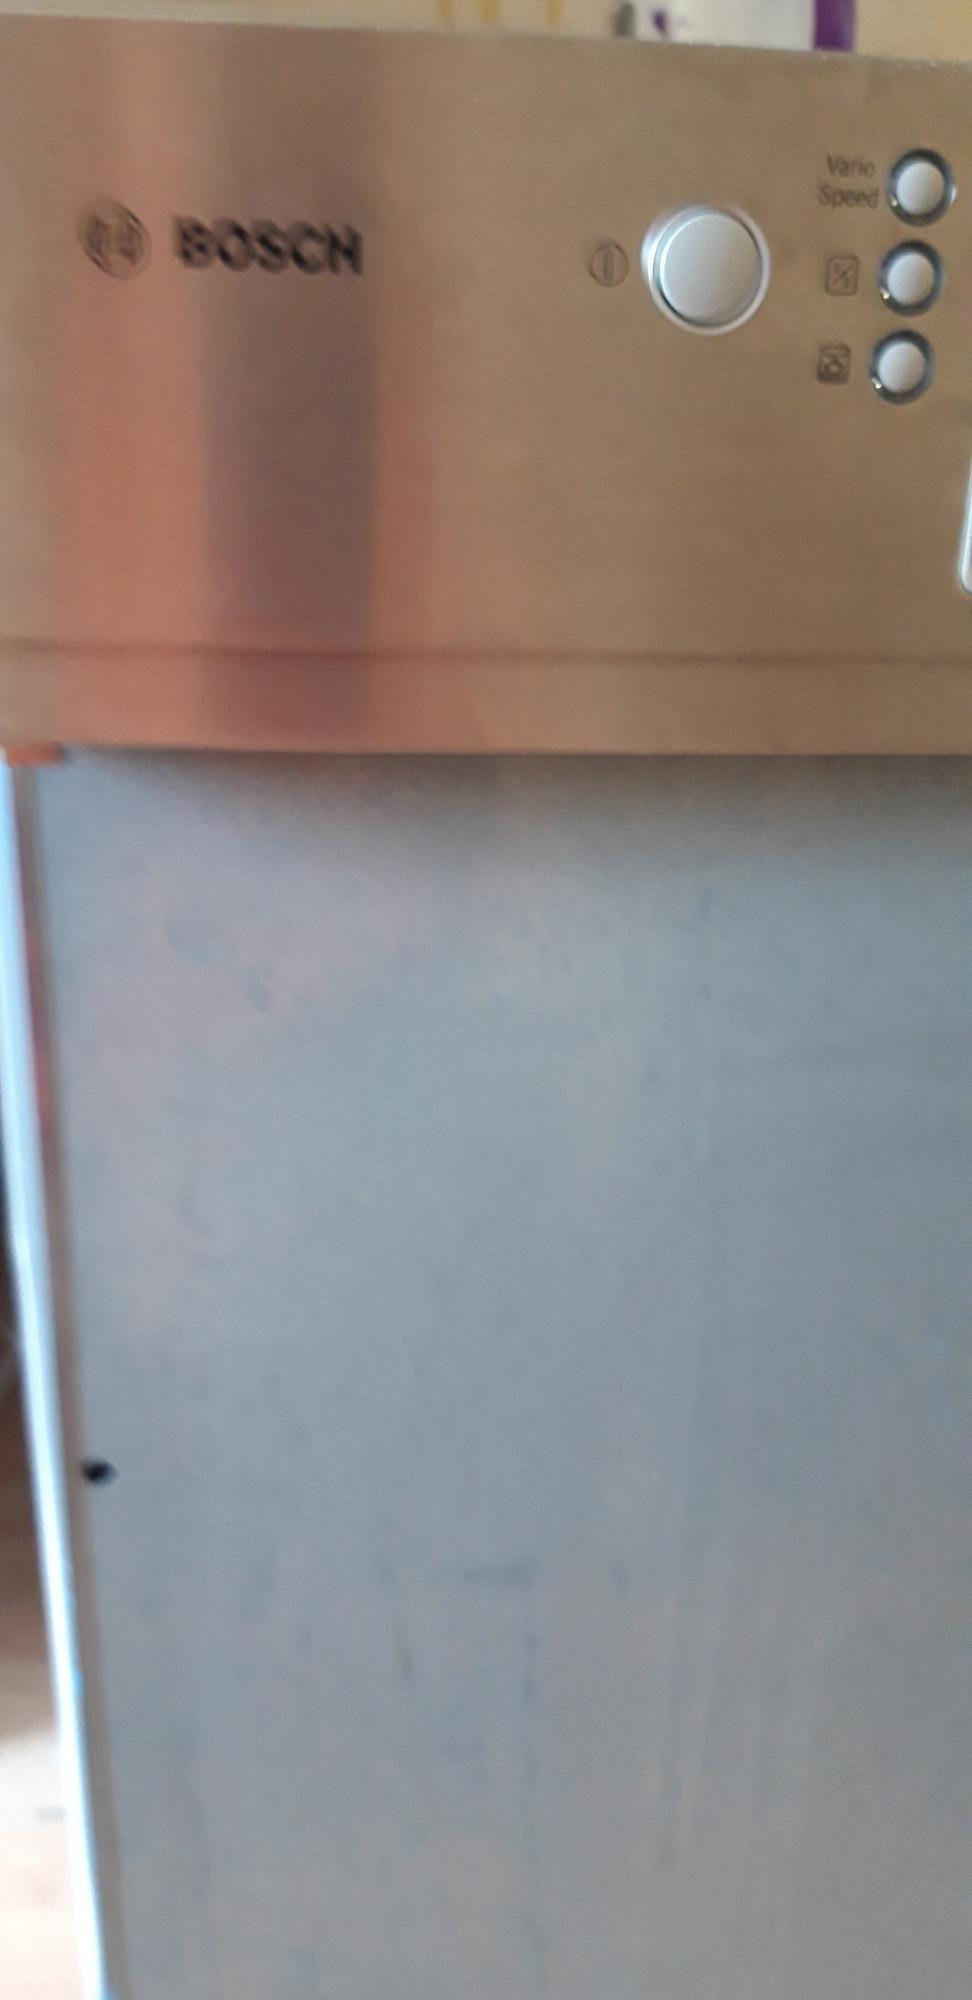 Посудомоечная машина Bosch Б/У в Троицке 89913109655 купить 2